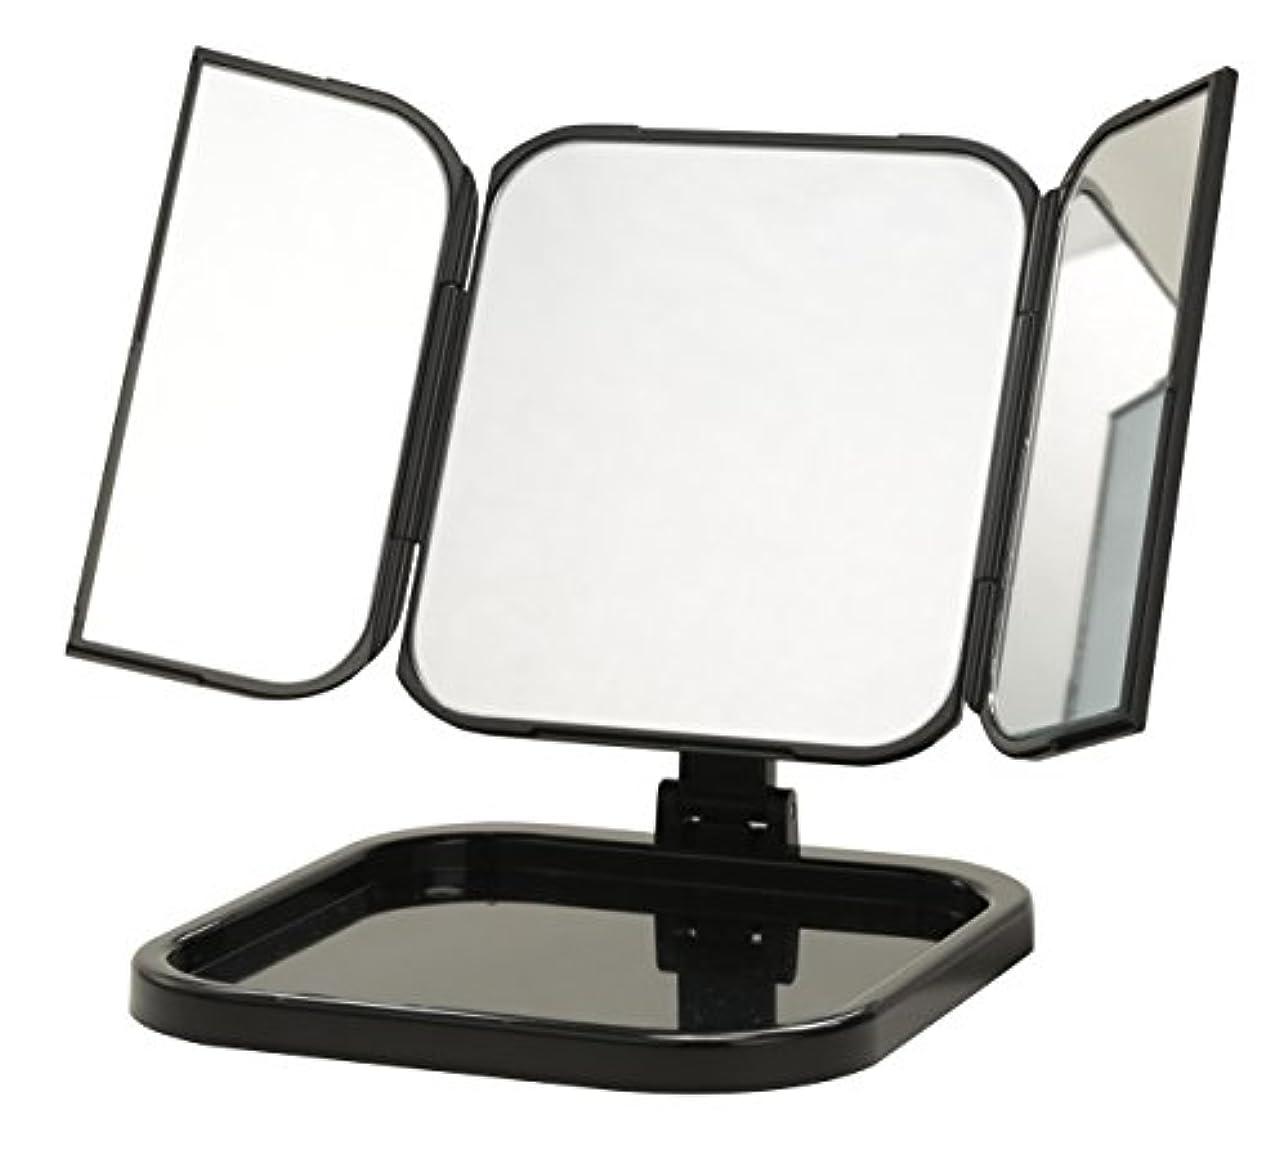 容赦ない驚くばかり永井興産 コンパクト三面鏡 WITH (ウィズ) ブラックNK-265